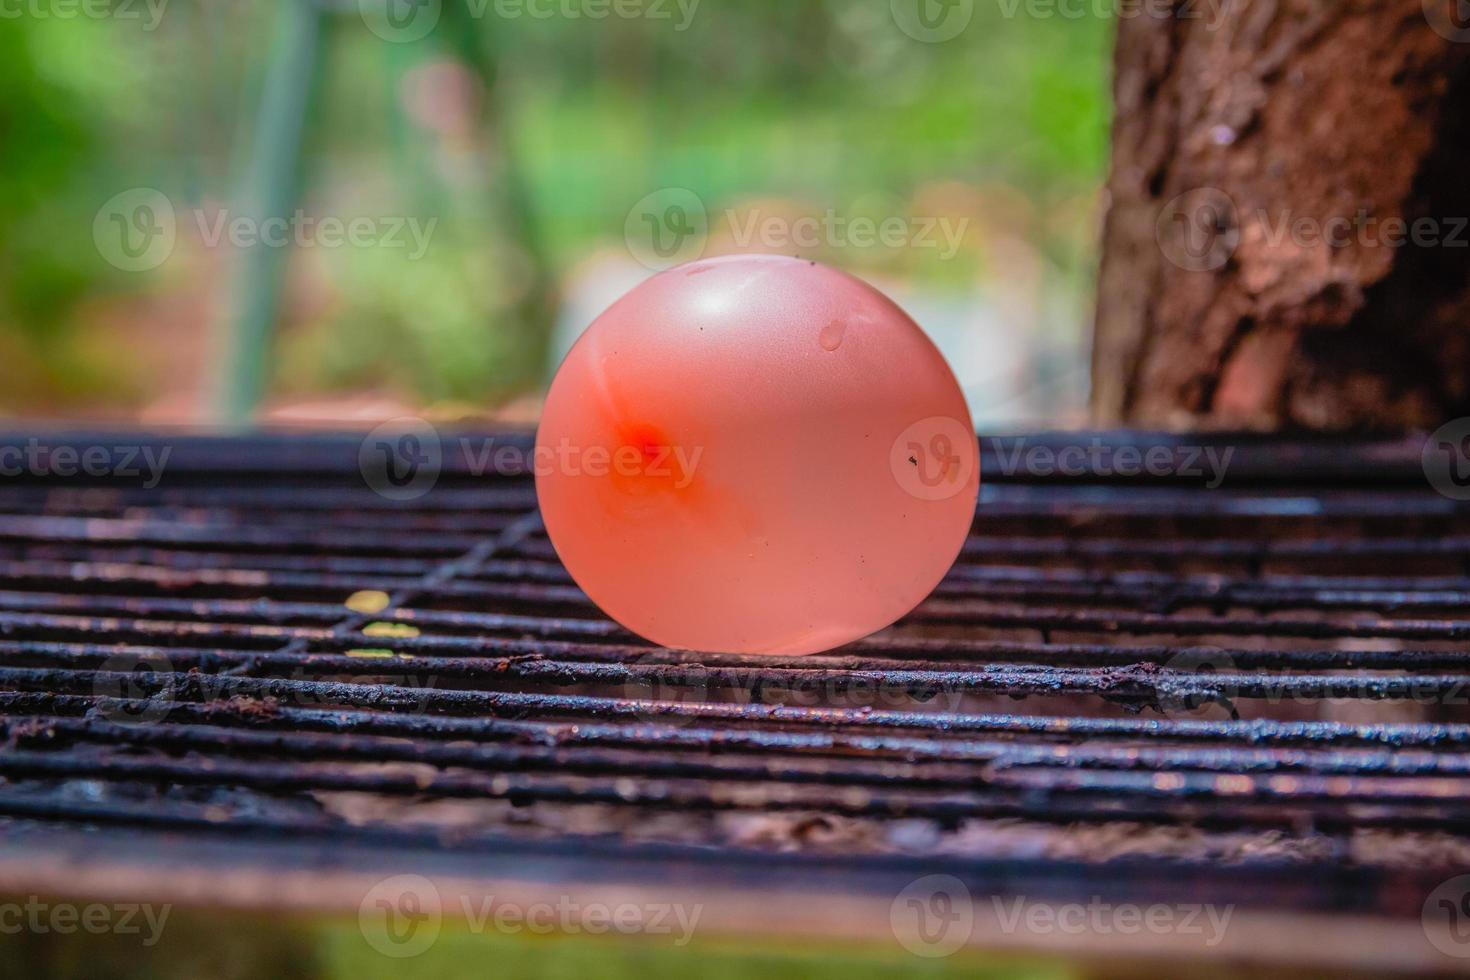 ballon gevuld met water geplaatst op een hete grill foto